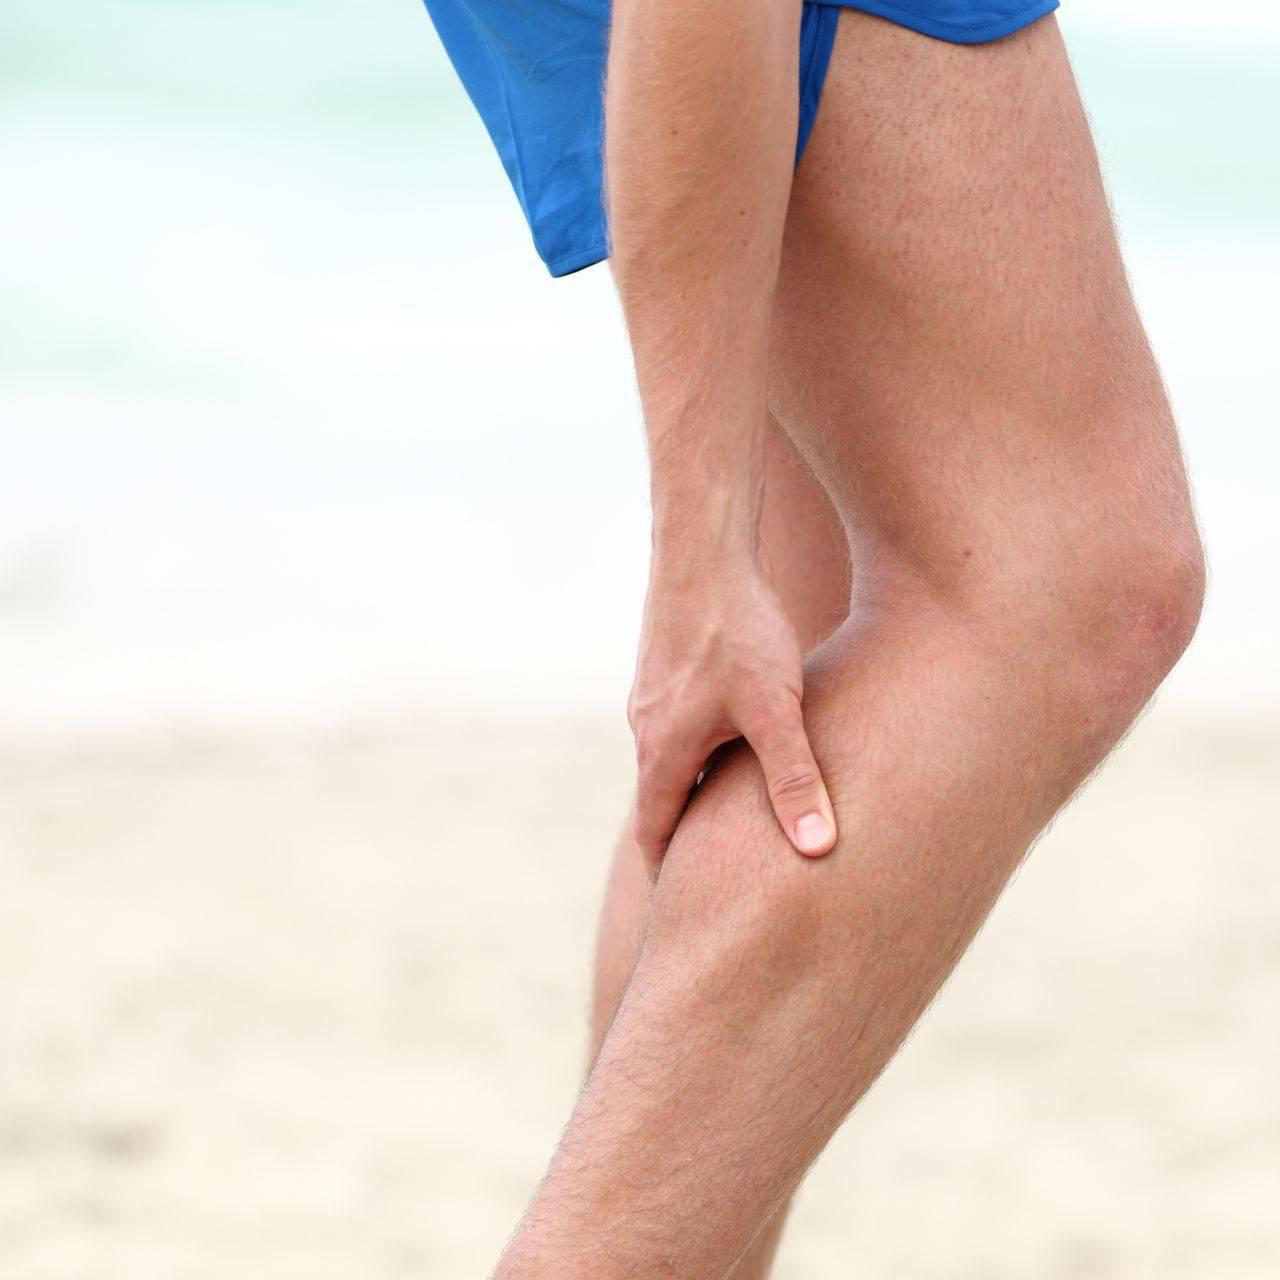 تورم رگ پشت ساق پا